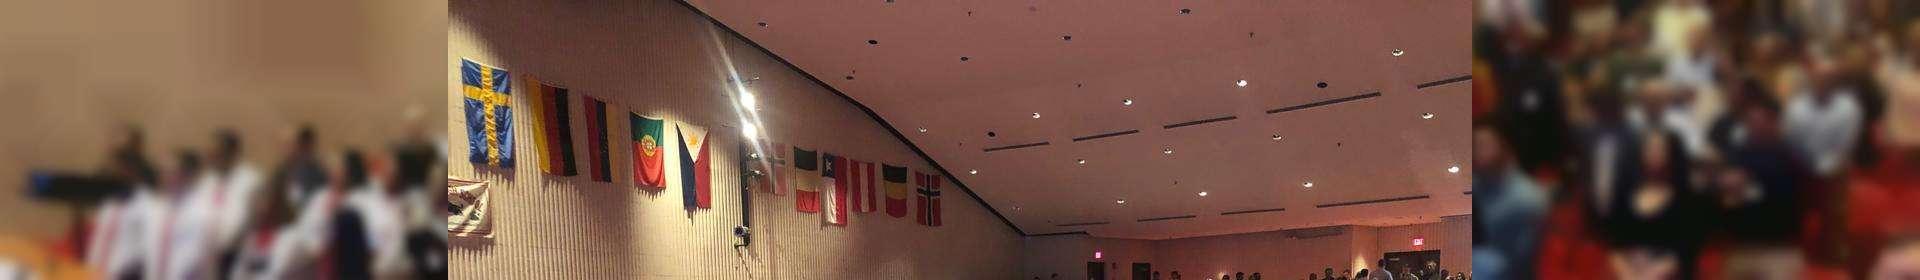 Norte-americanos participam de seminário em Connecticut, EUA